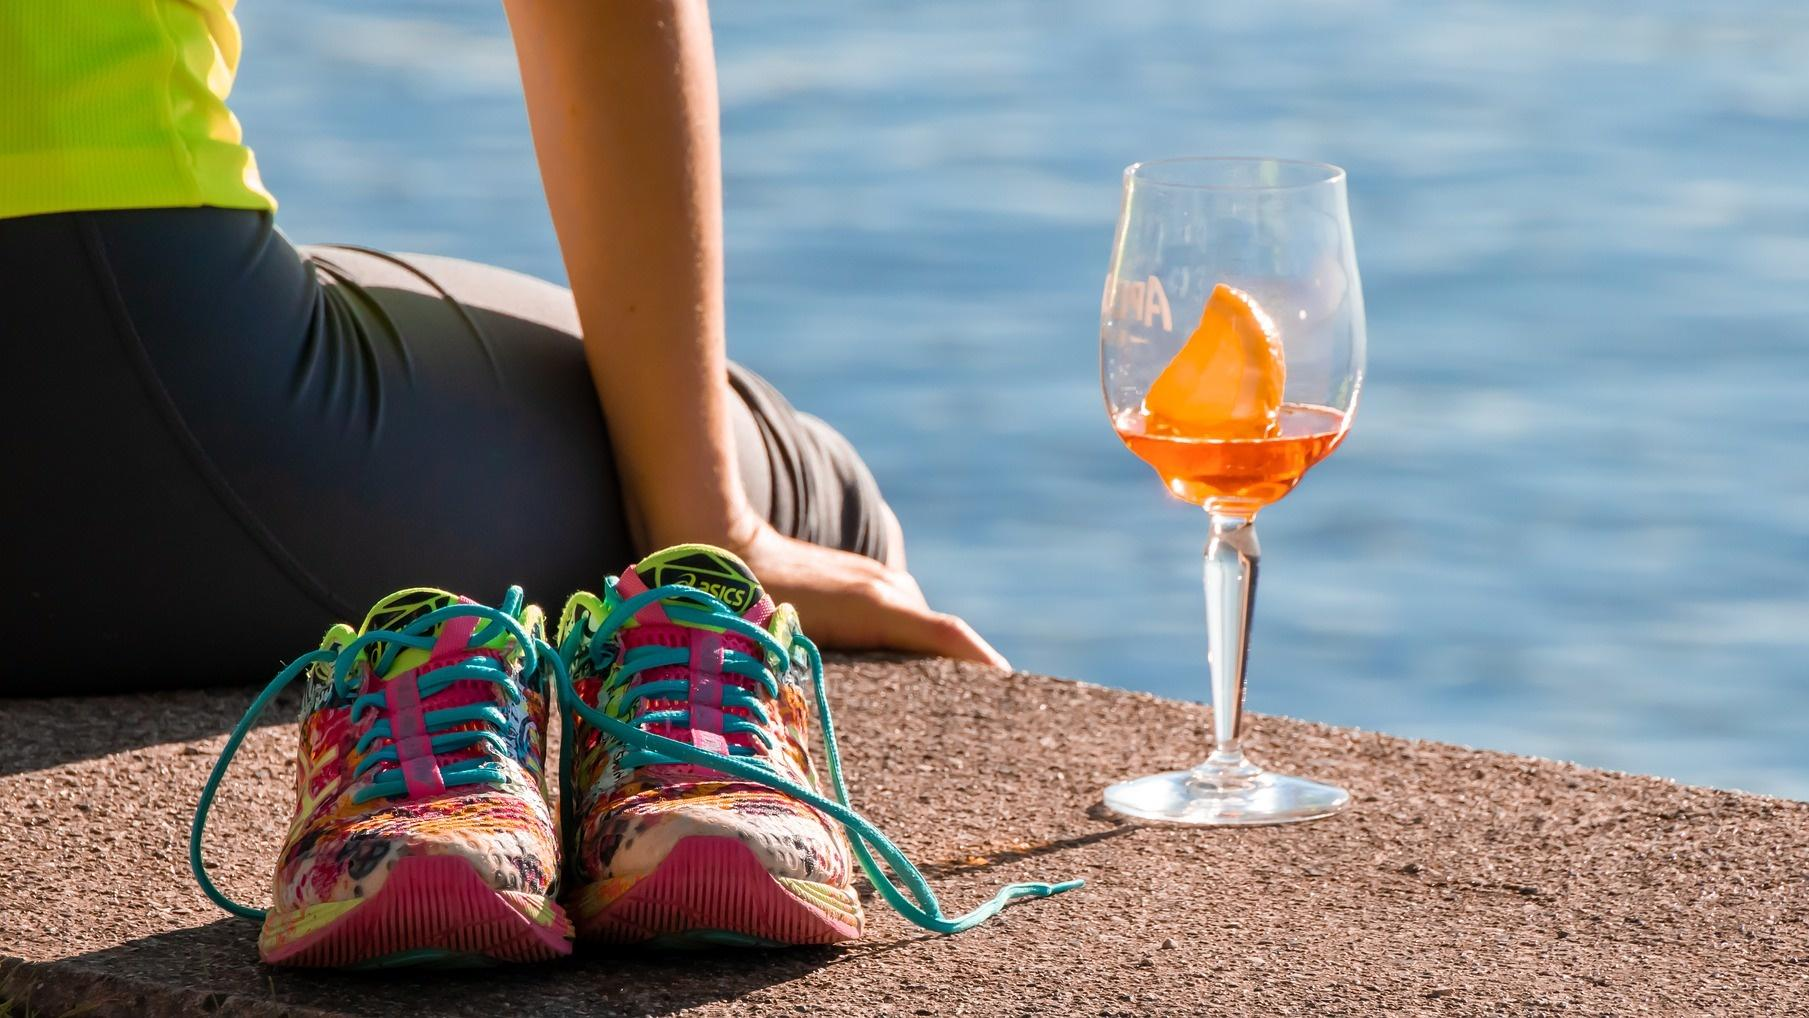 Machen Sie jeden Tag Sport, so sollten Sie es dabei nicht übertreiben und sich zwischendurch ausreichend Pausen gönnen.